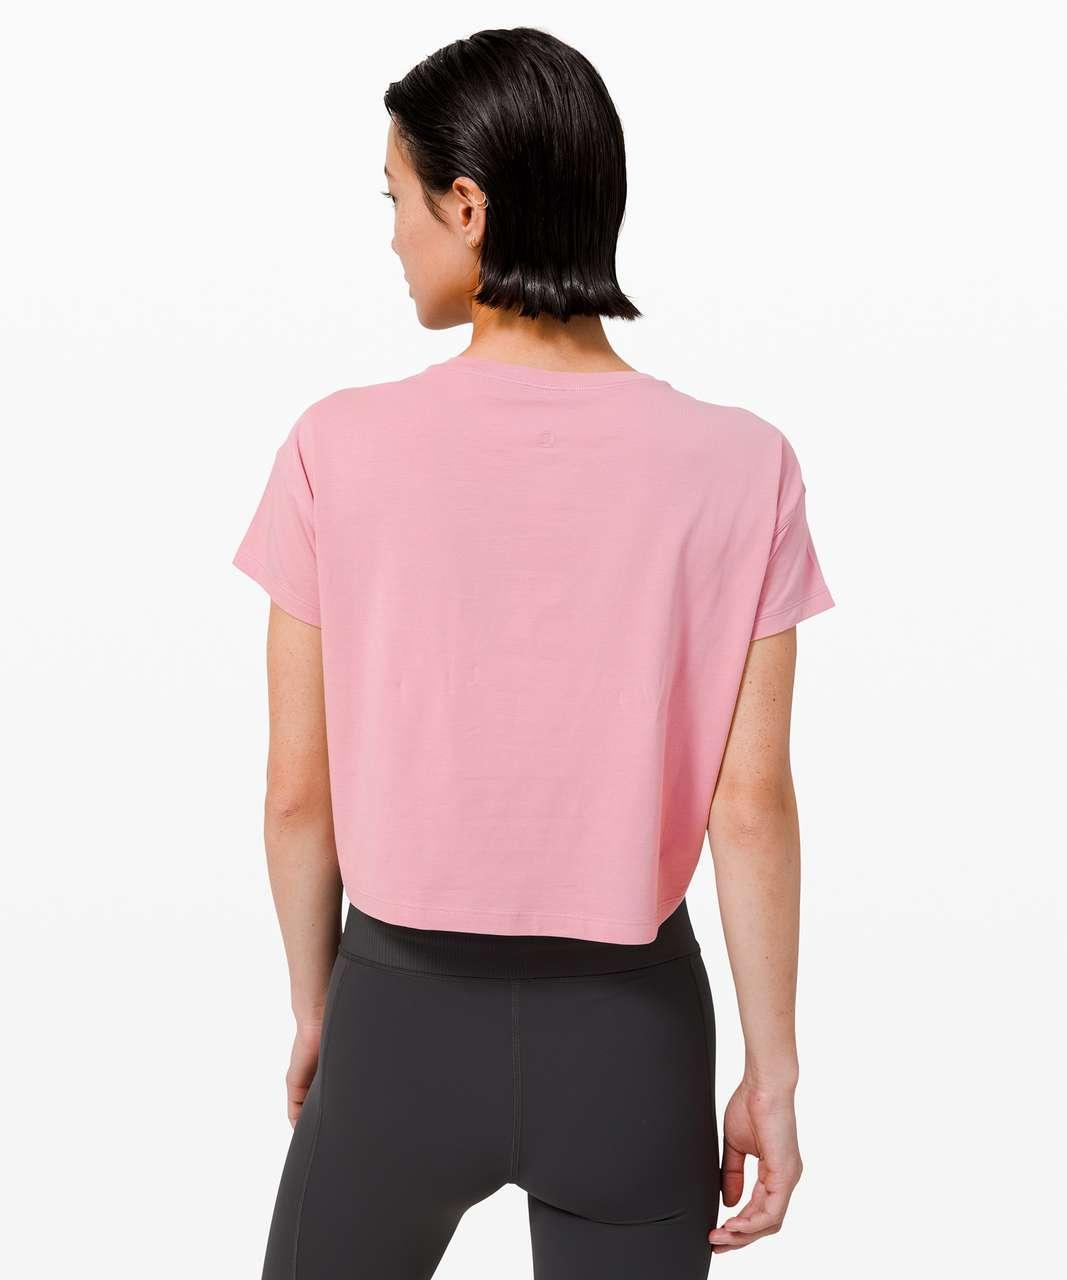 Lululemon Cates Tee - Pink Taupe